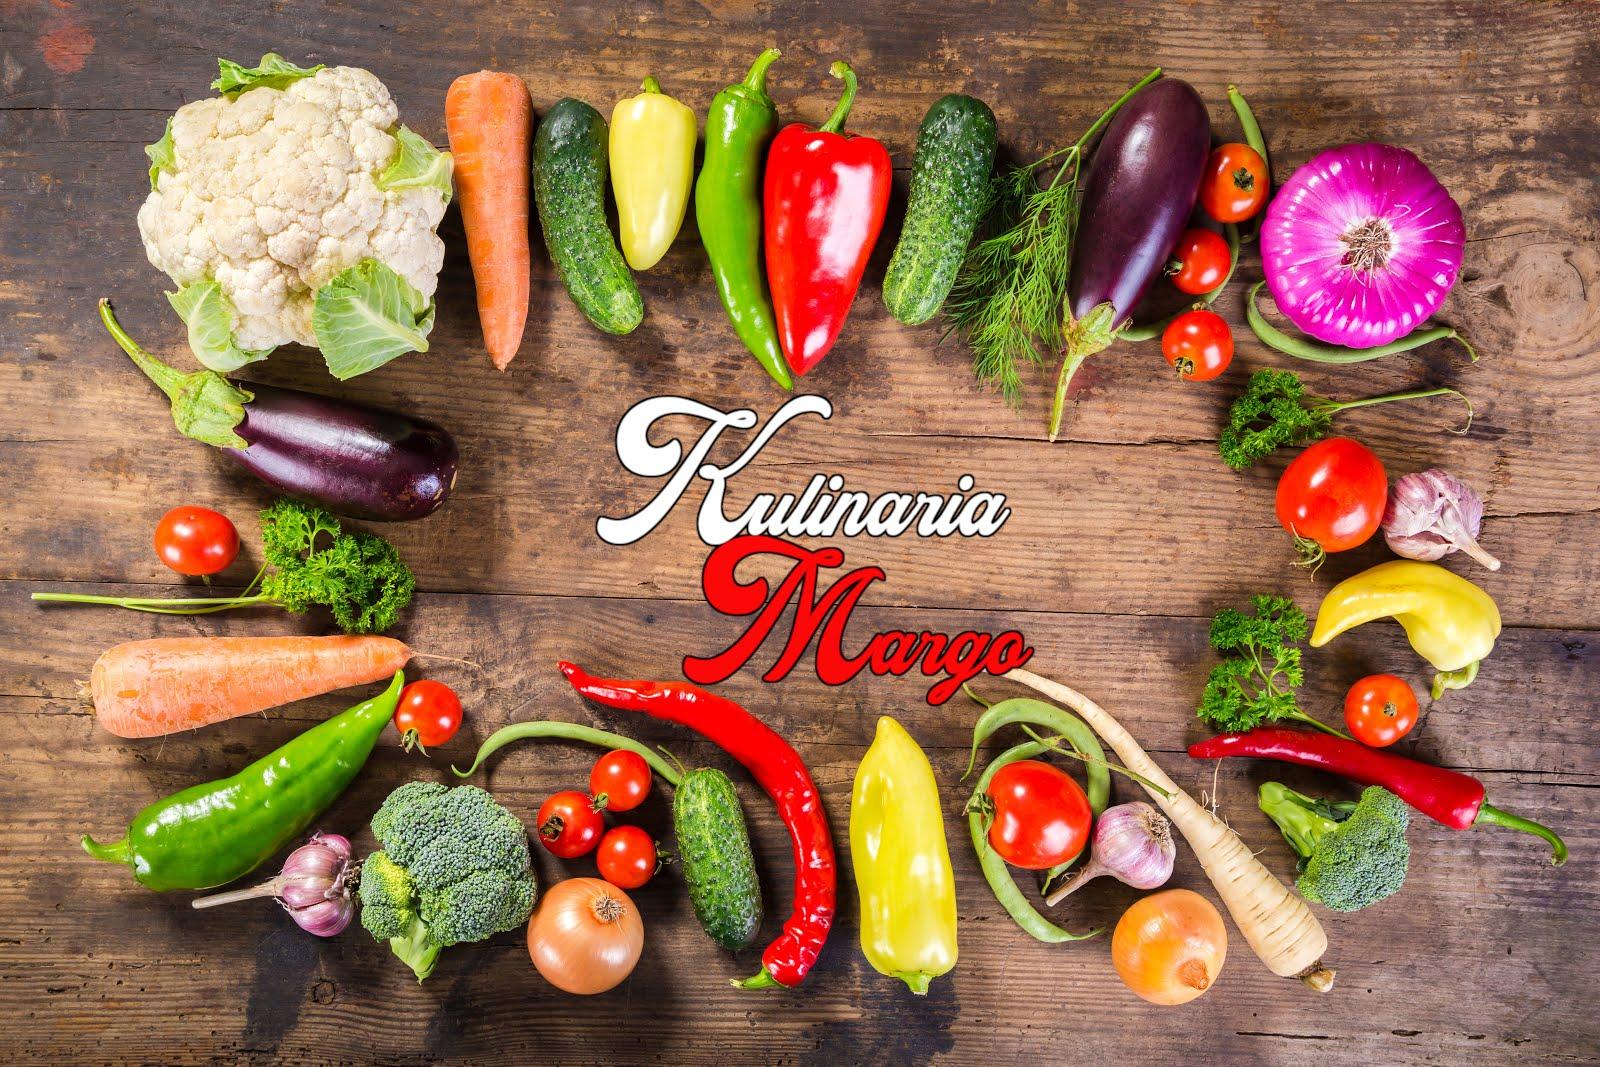 Kulinaria Margo